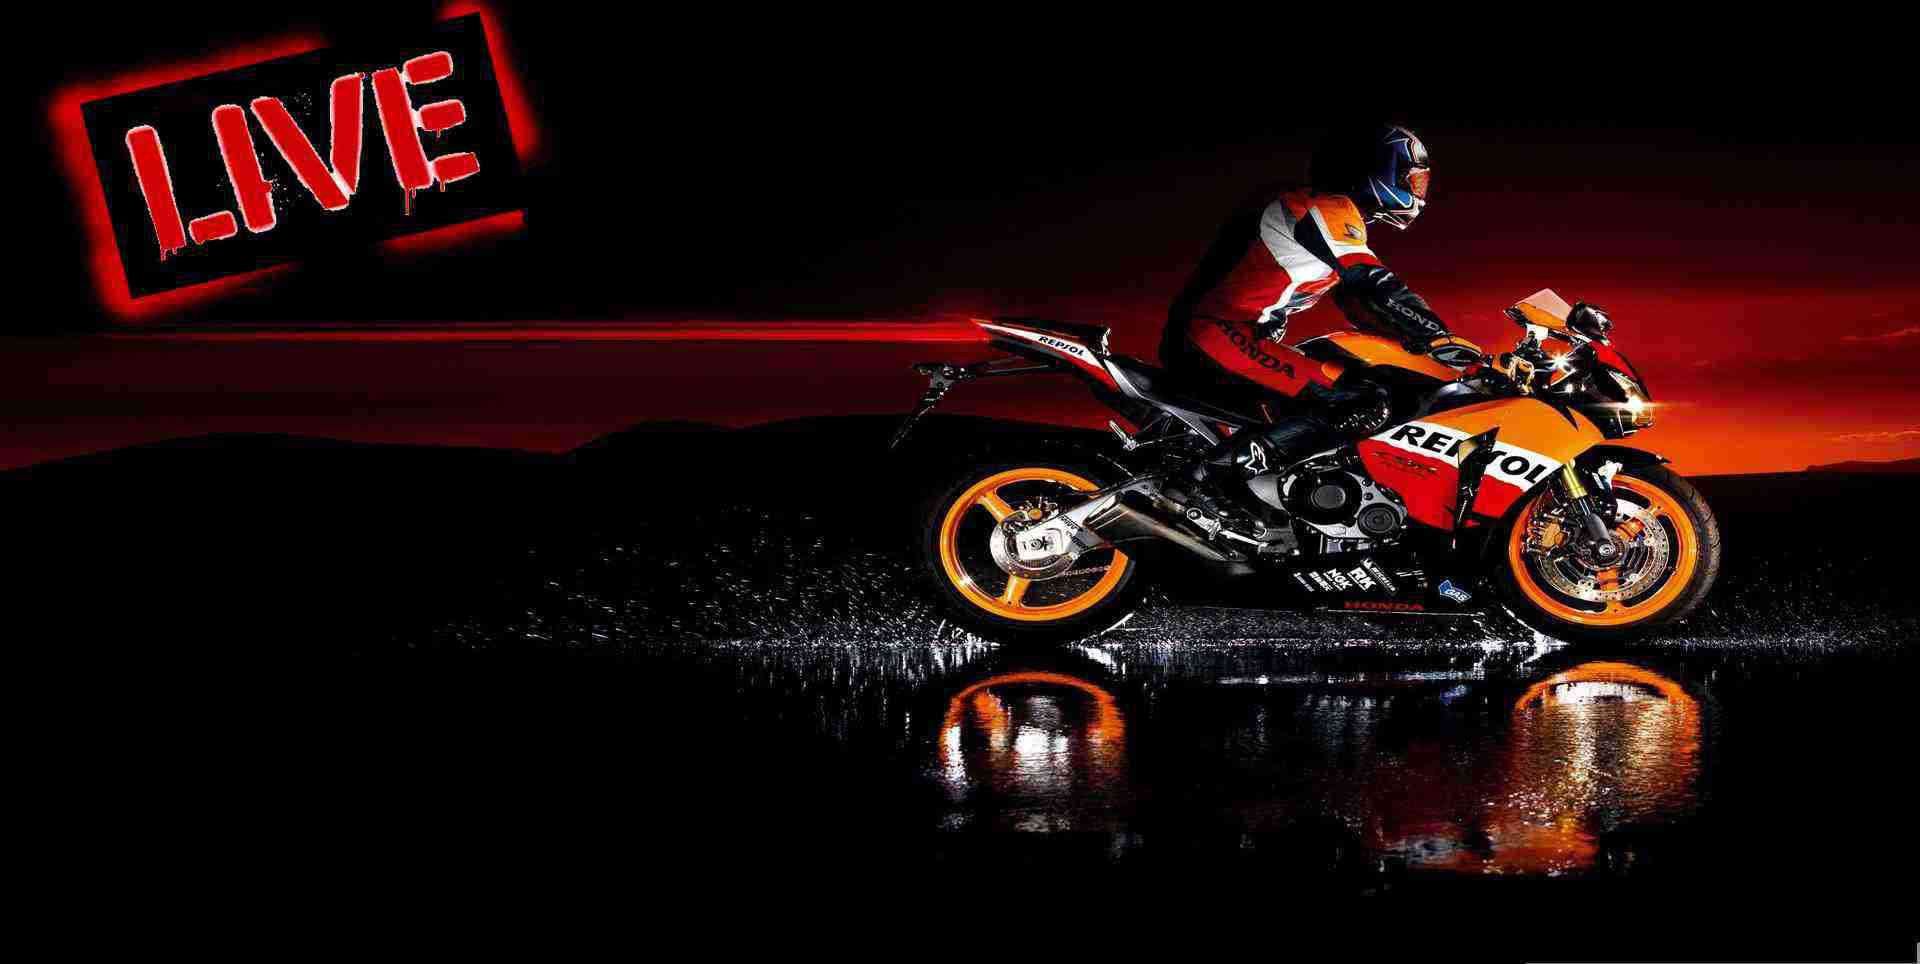 motogp-san-marino-grand-prix-2015-live